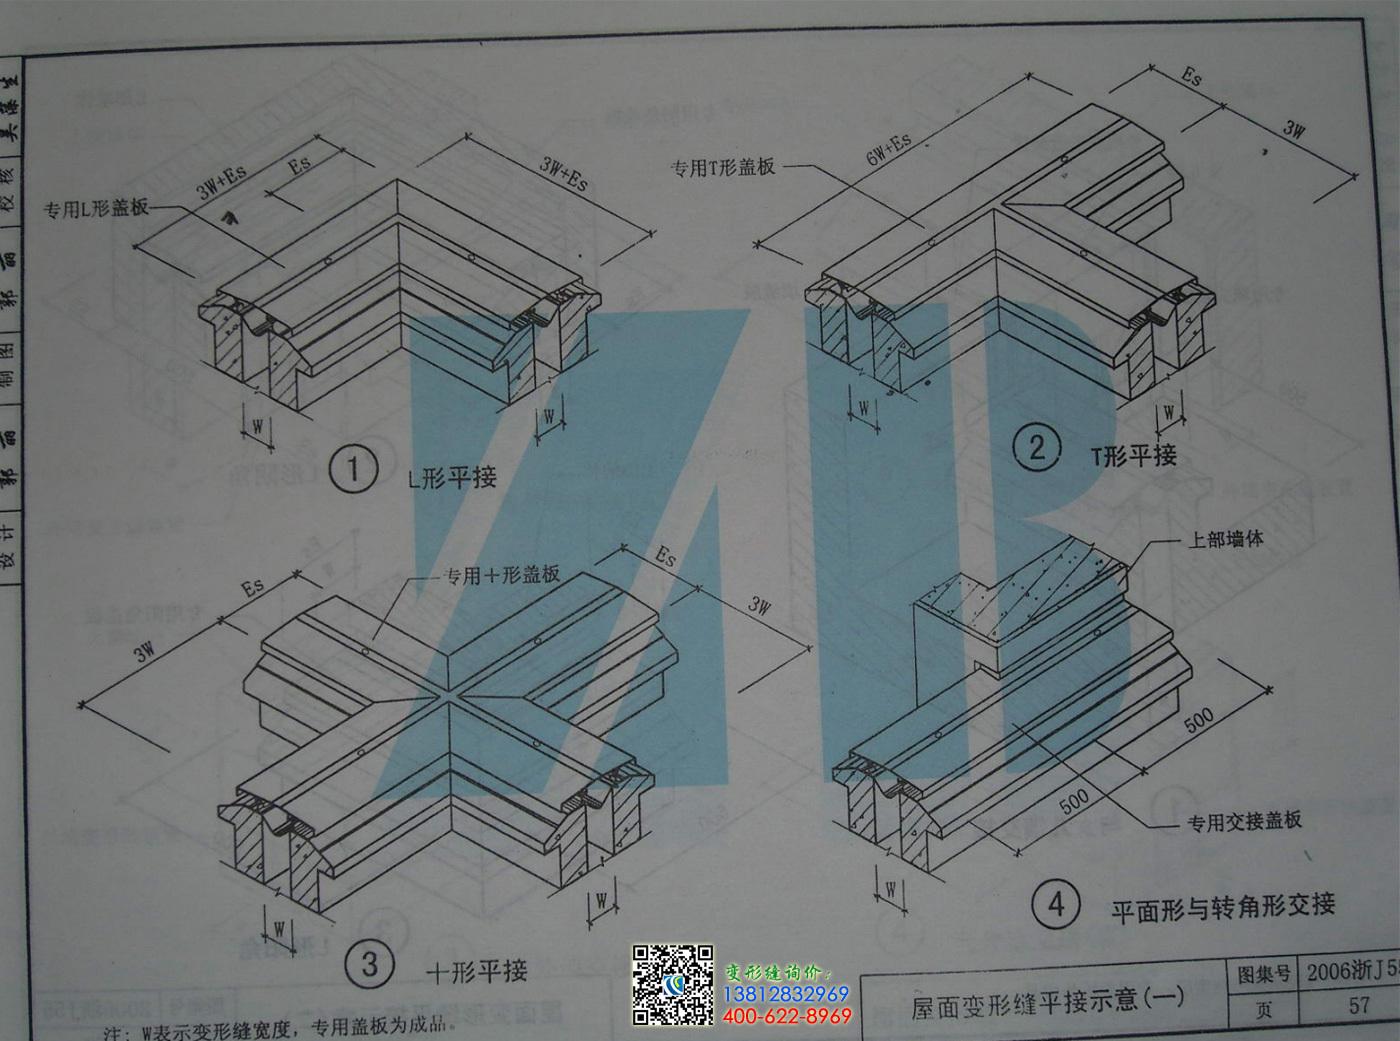 2006浙j56变形缝图集第57页